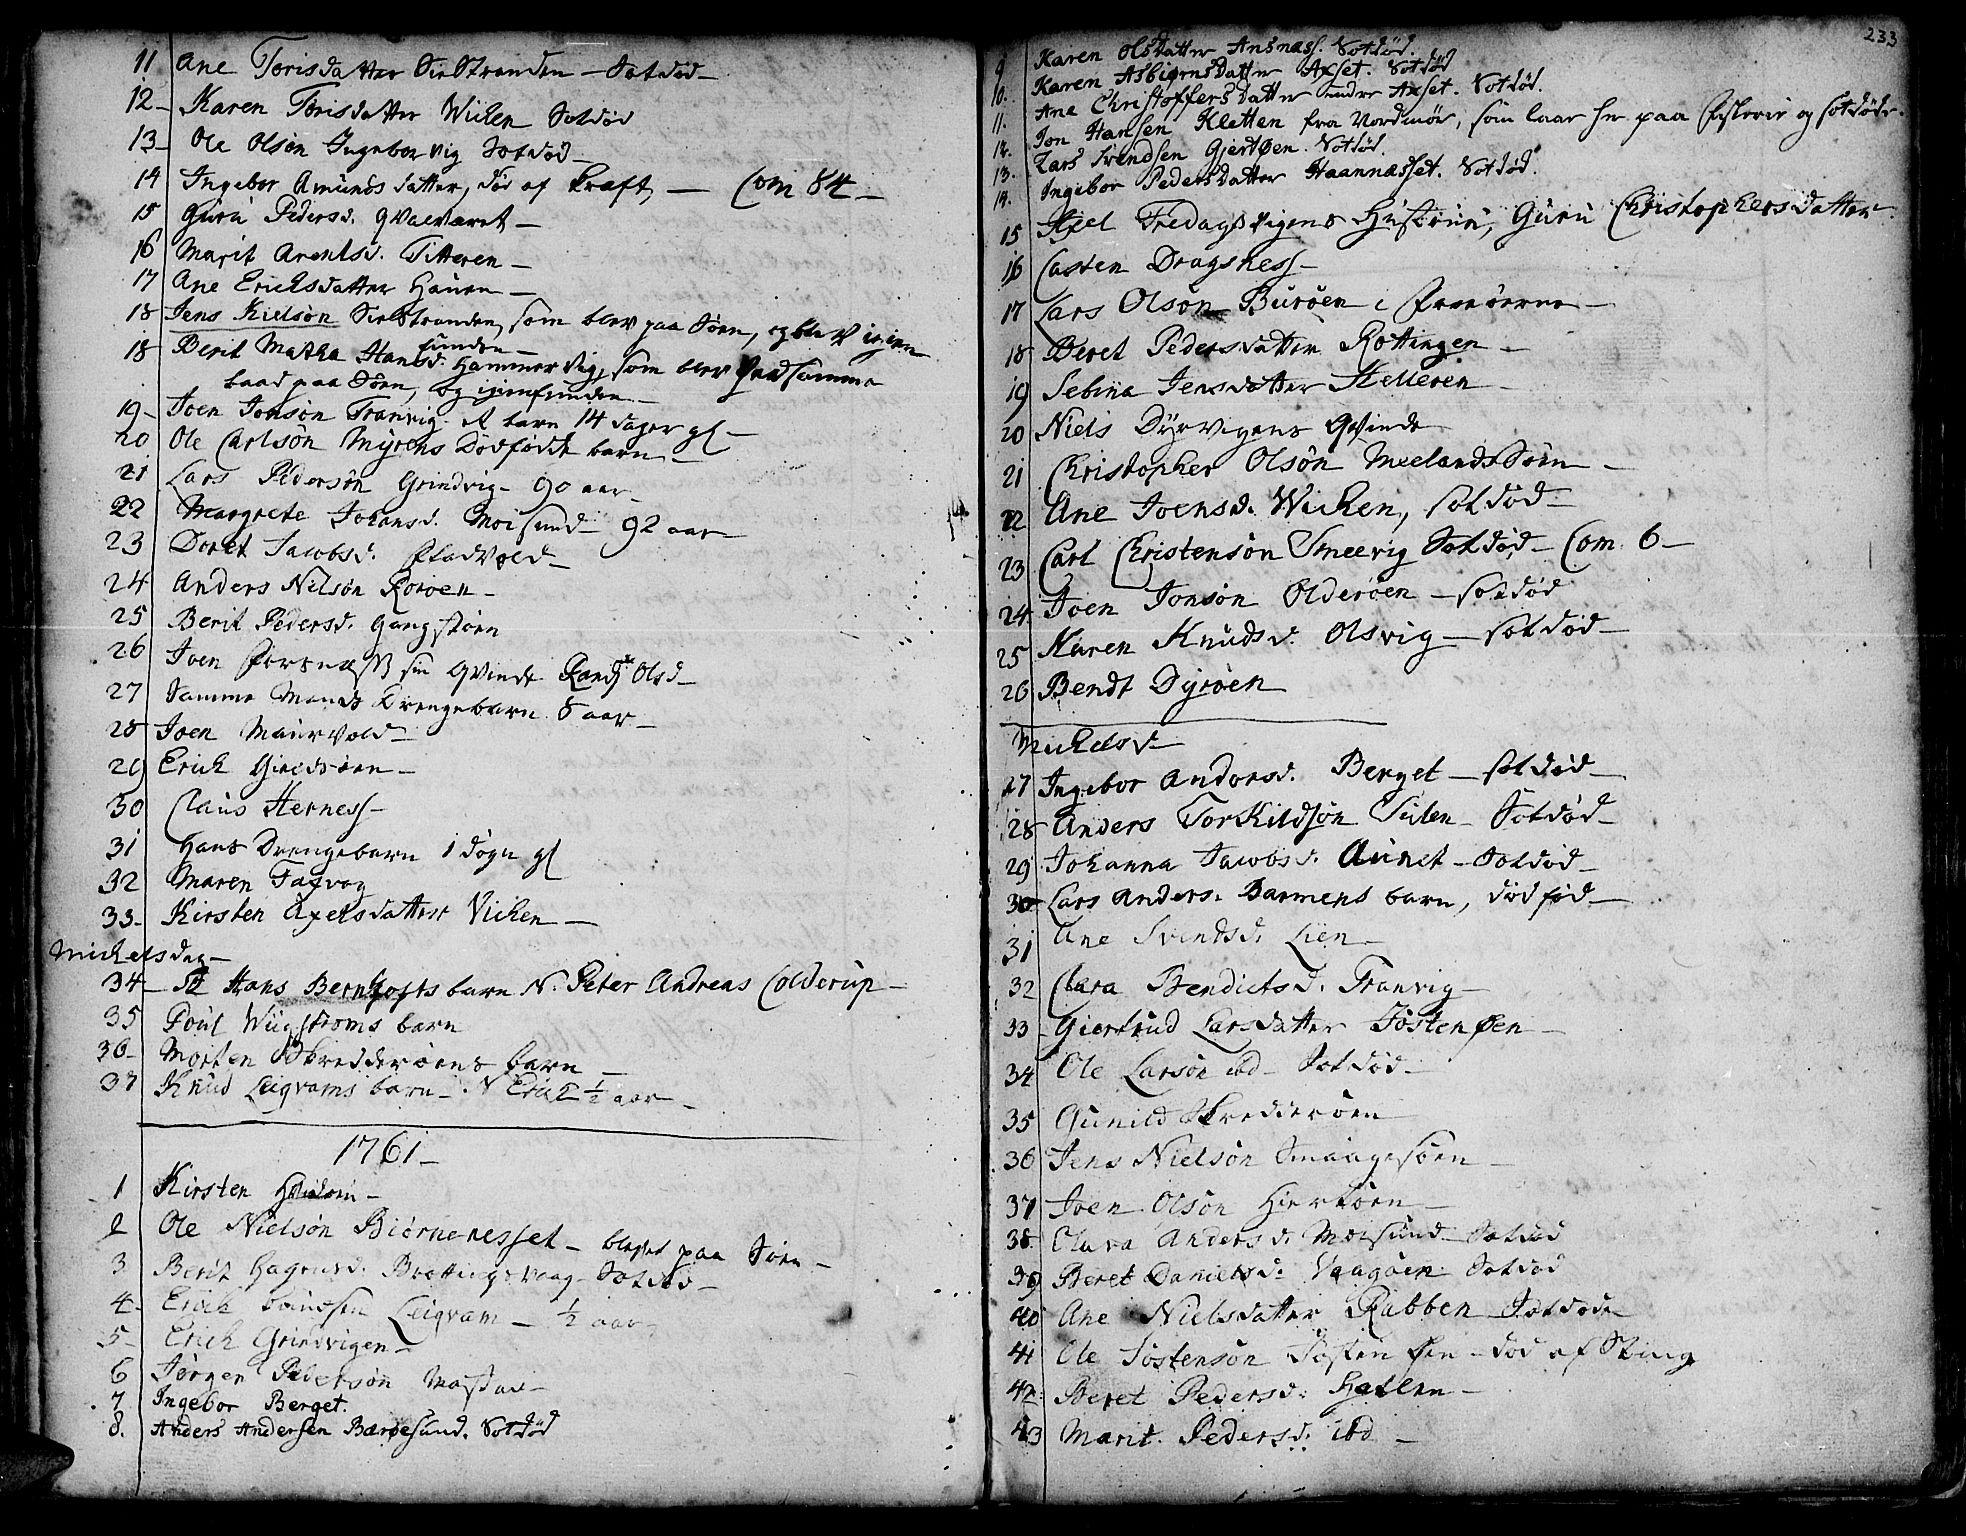 SAT, Ministerialprotokoller, klokkerbøker og fødselsregistre - Sør-Trøndelag, 634/L0525: Ministerialbok nr. 634A01, 1736-1775, s. 233